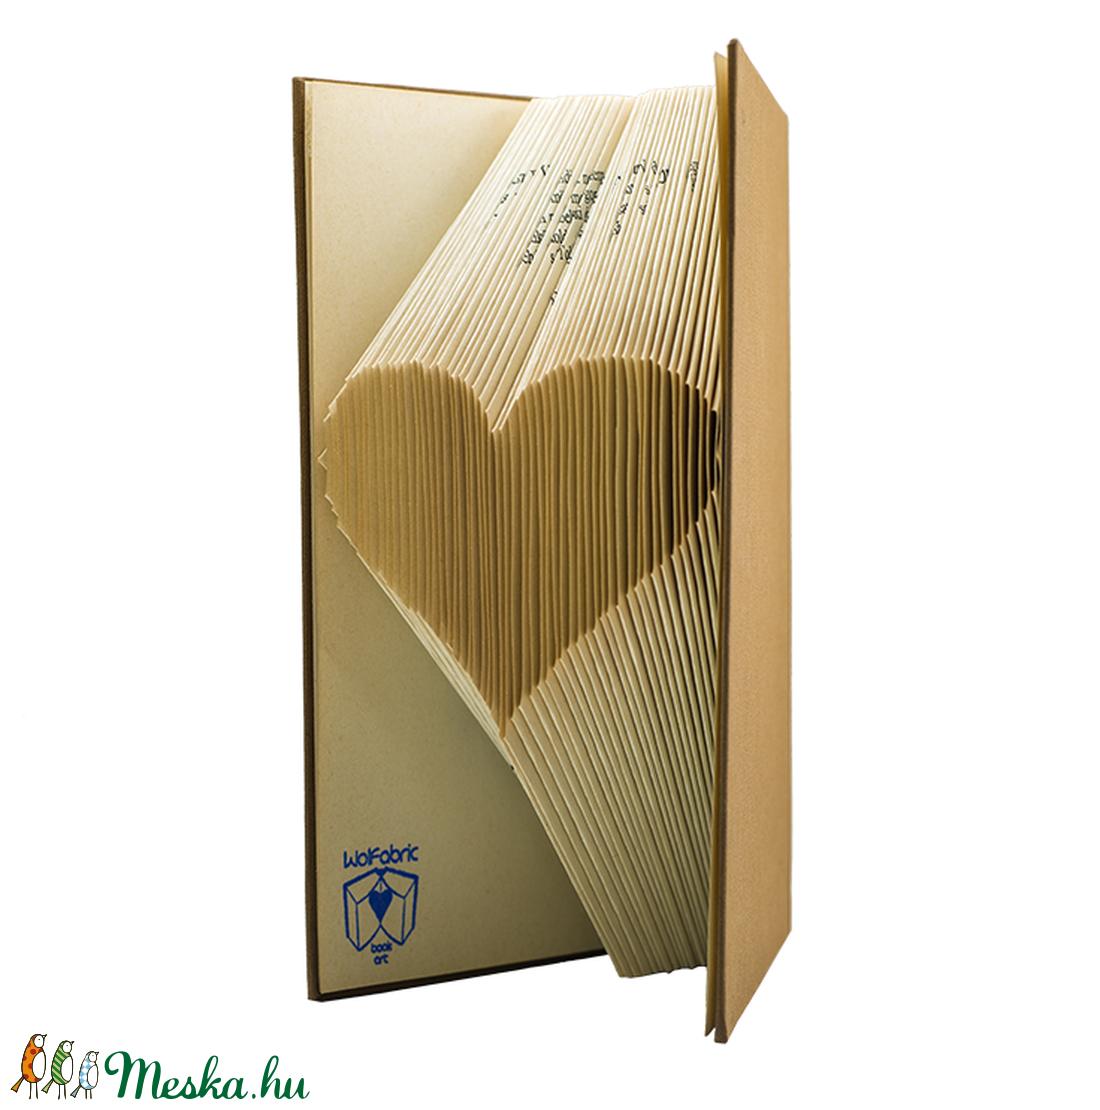 Szív formájú könyvszobor - Esküvőre- Lakodalomba - Szerelmeseknek- Valentin napra - Ajándék - E61 (Wolfabric) - Meska.hu